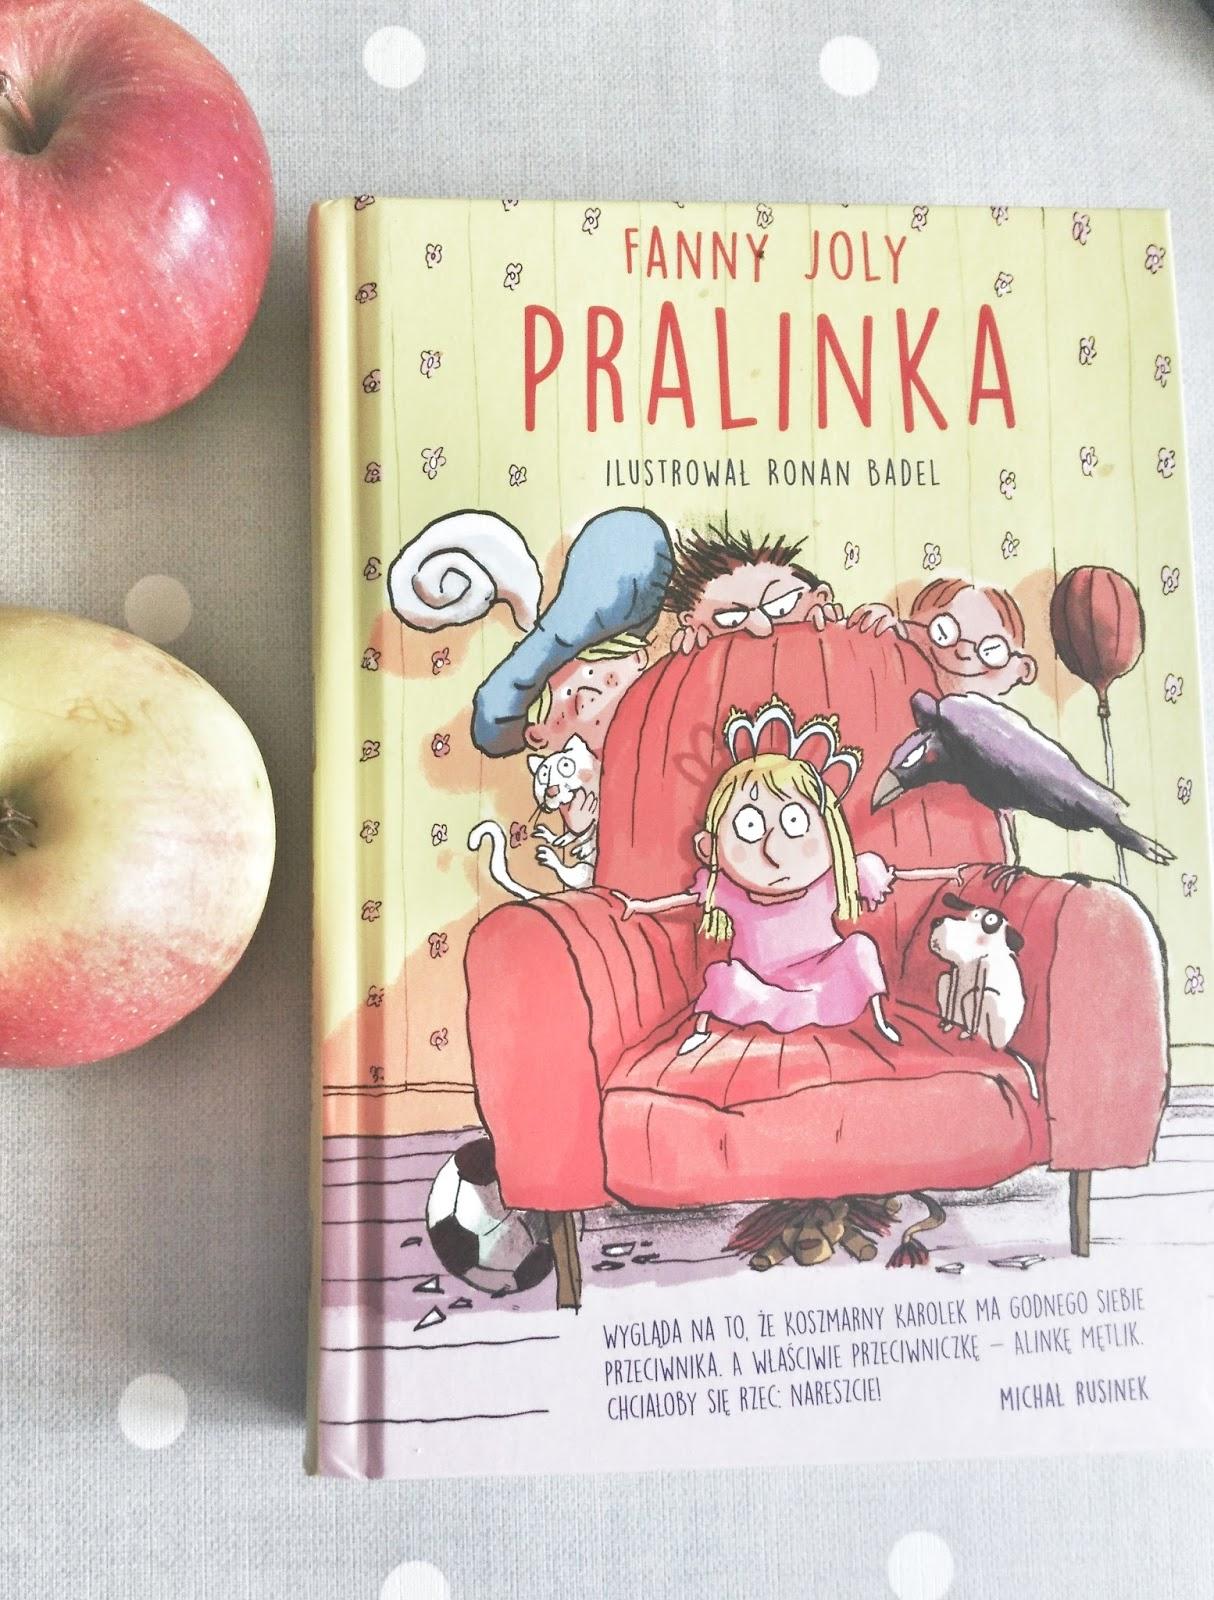 Fanny Joly Pralinka -recenzja